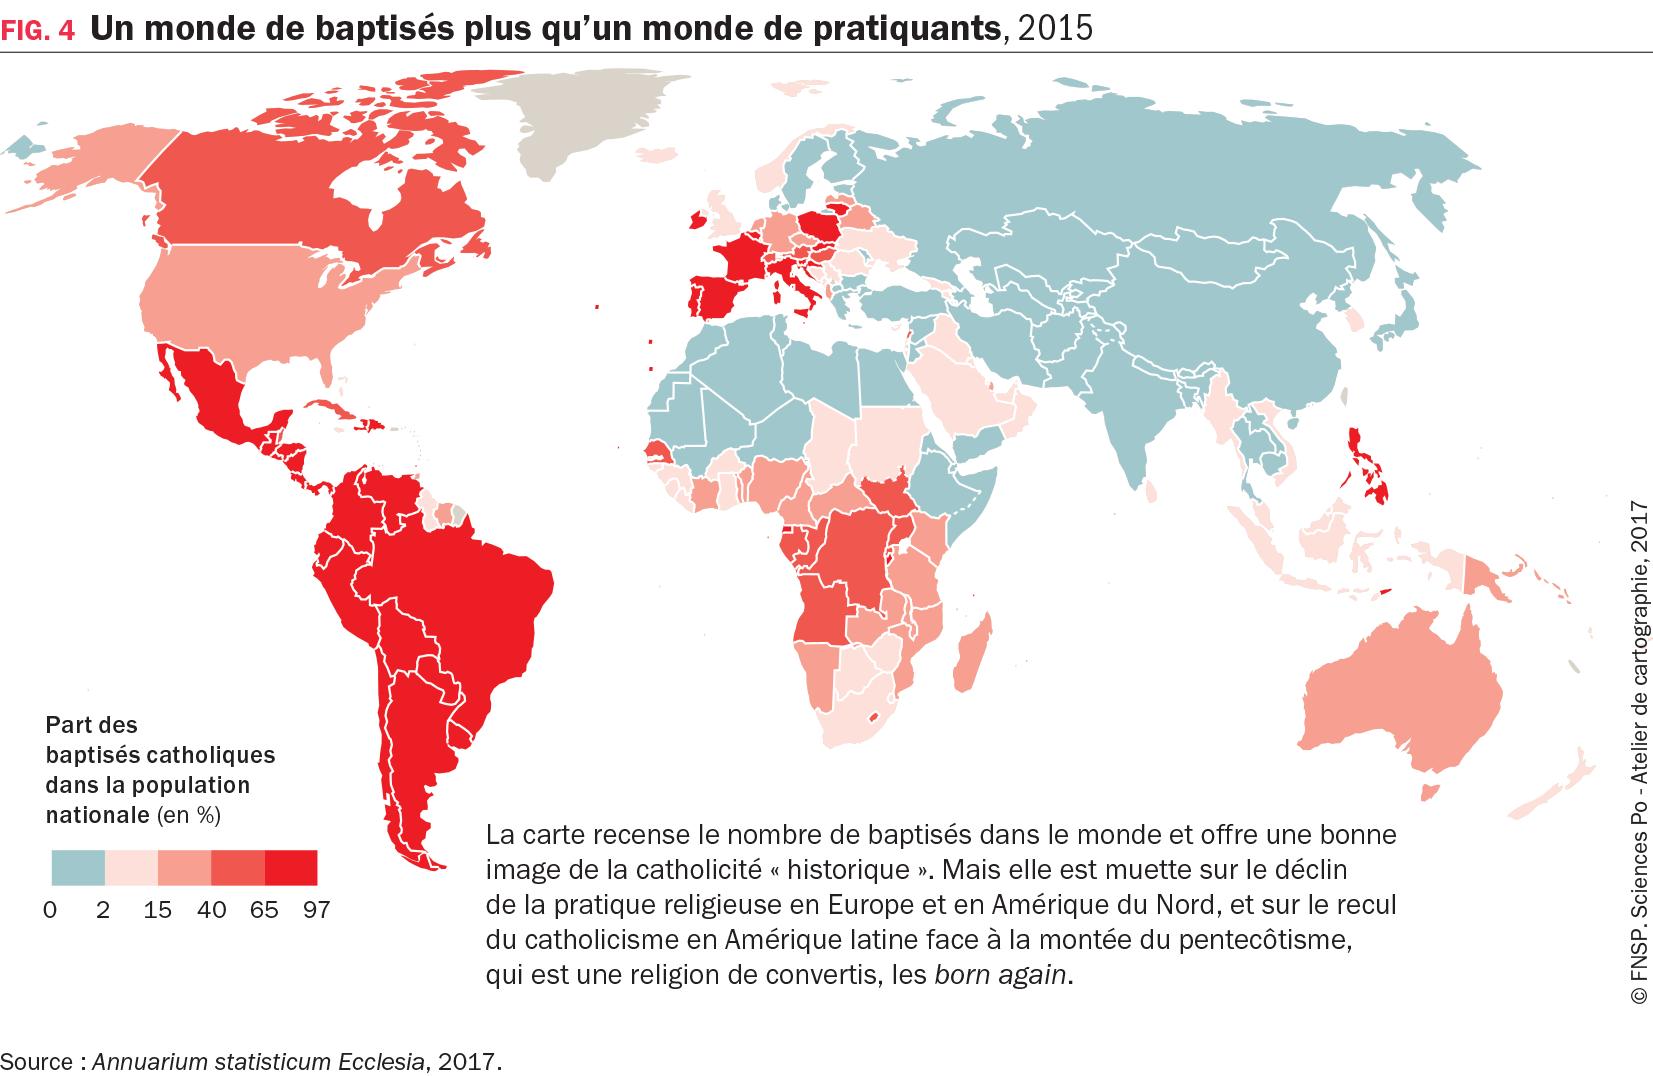 Carte : Un monde de baptisés plus qu'un monde de pratiquants, 2015